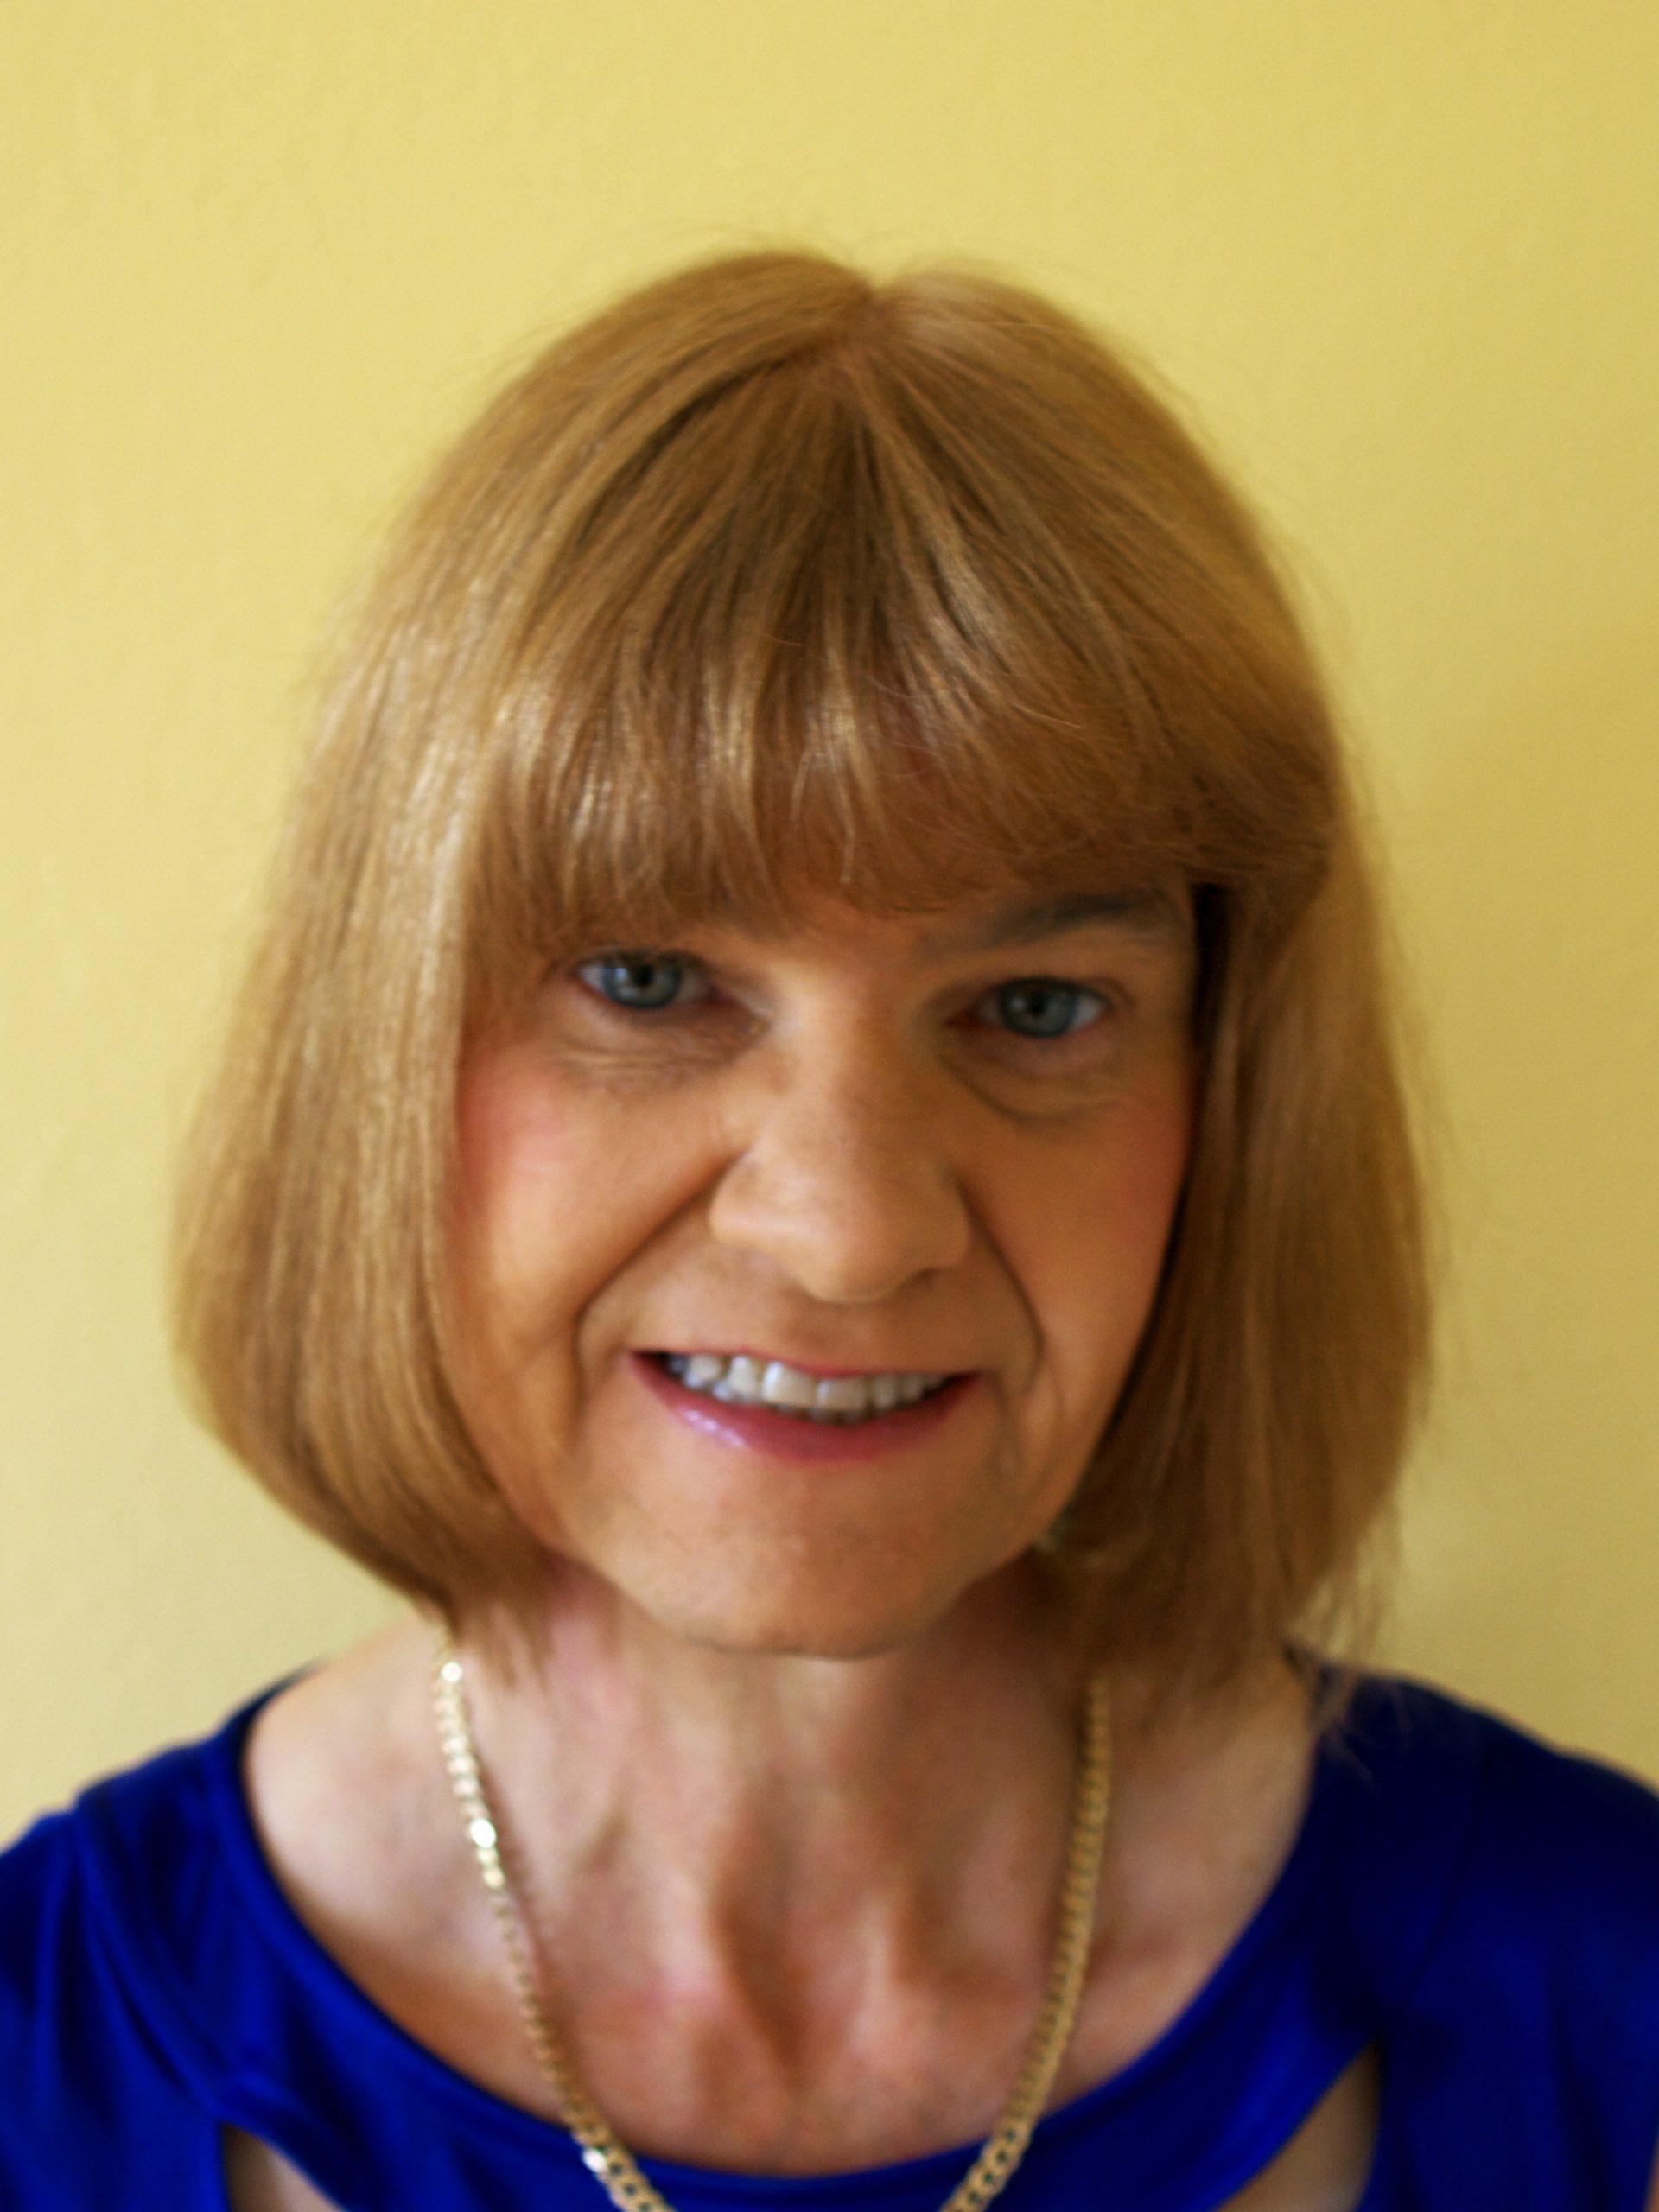 Tina Price